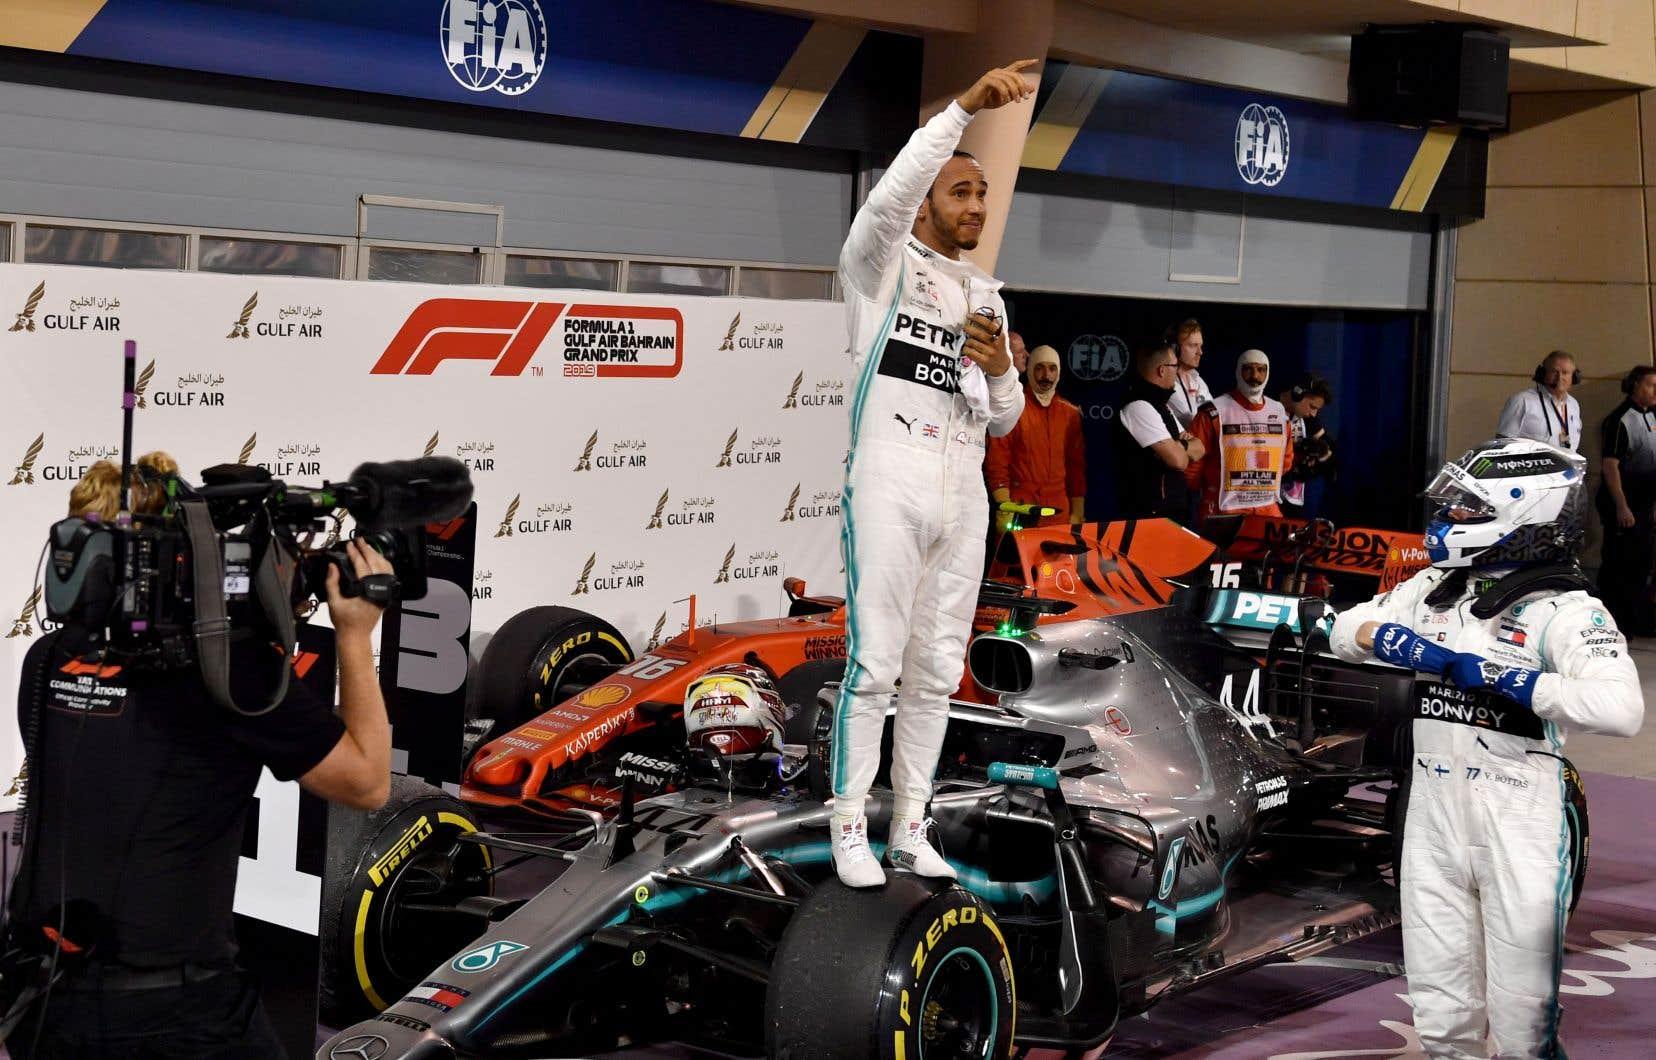 Les troubles mécaniques de la monoplace de Charles Leclerc ont permis à Lewis Hamilton, le champion en titre, d'effacer un déficit de dix secondes et de procurer un doublé à Mercedes.